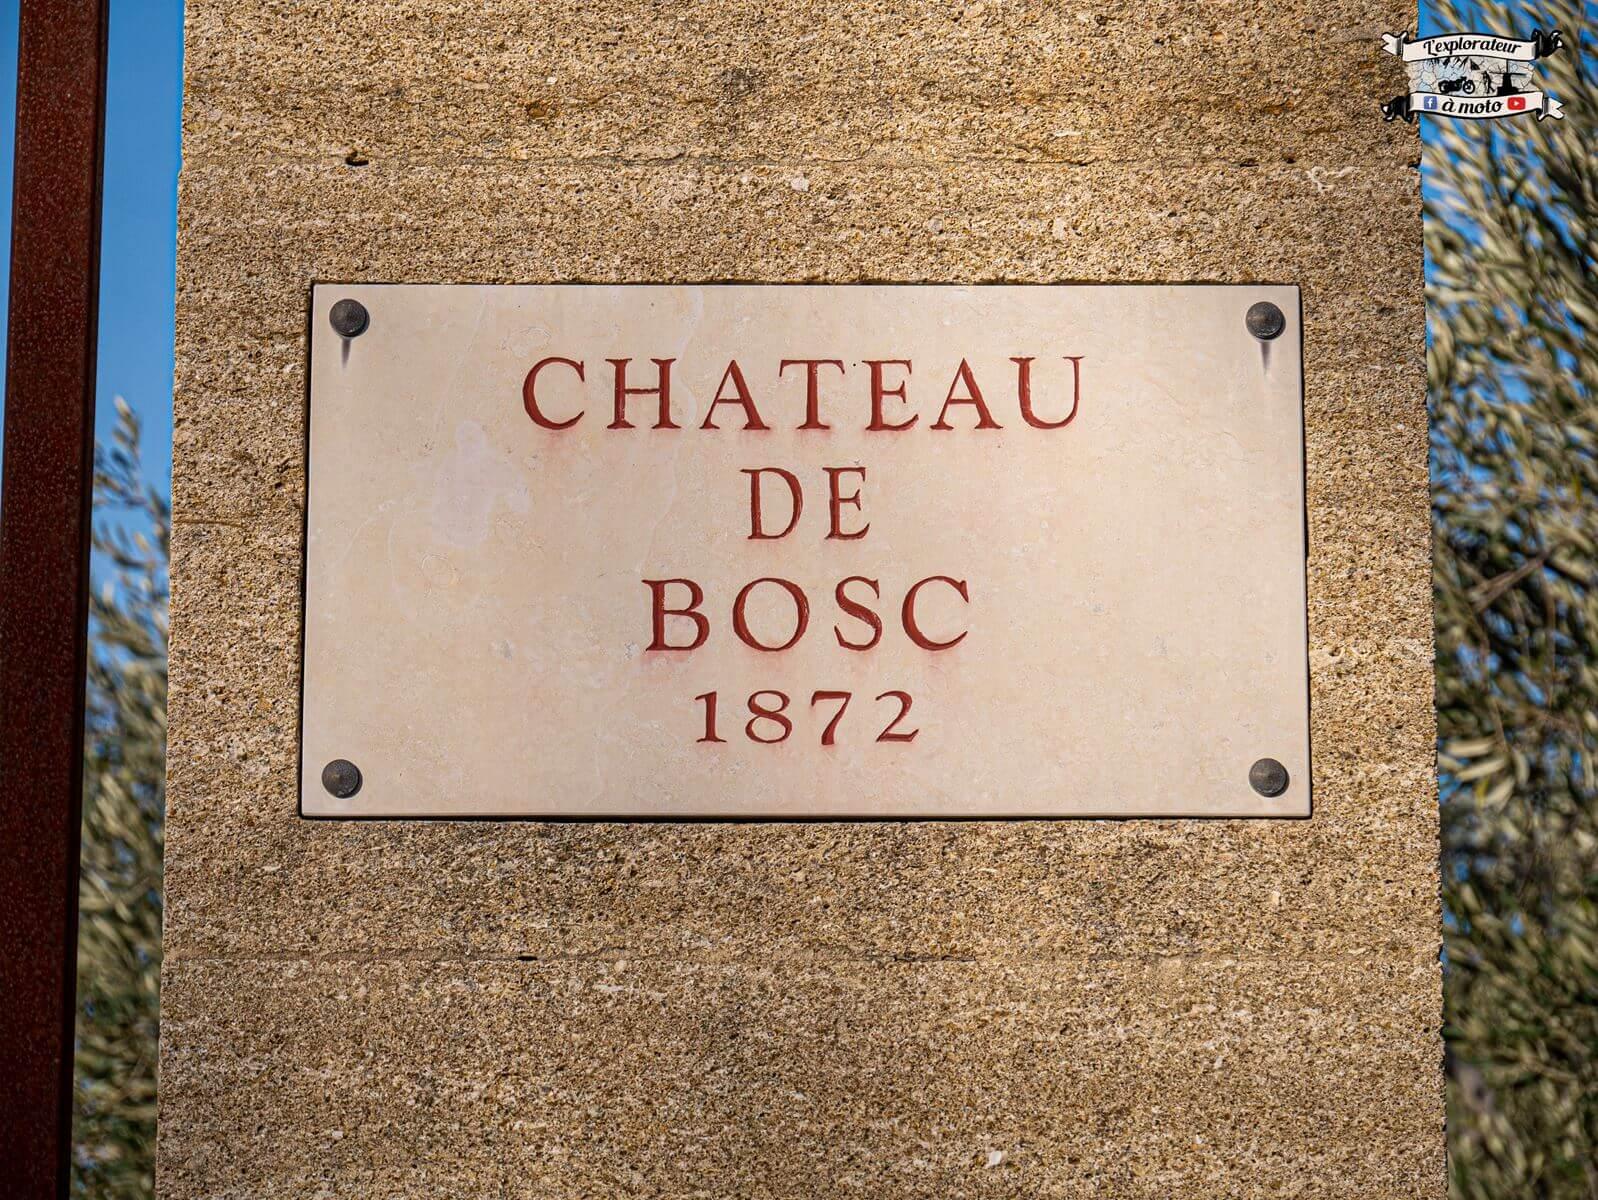 Chateau de Bosc 1872 - lexplorateuramoto.com